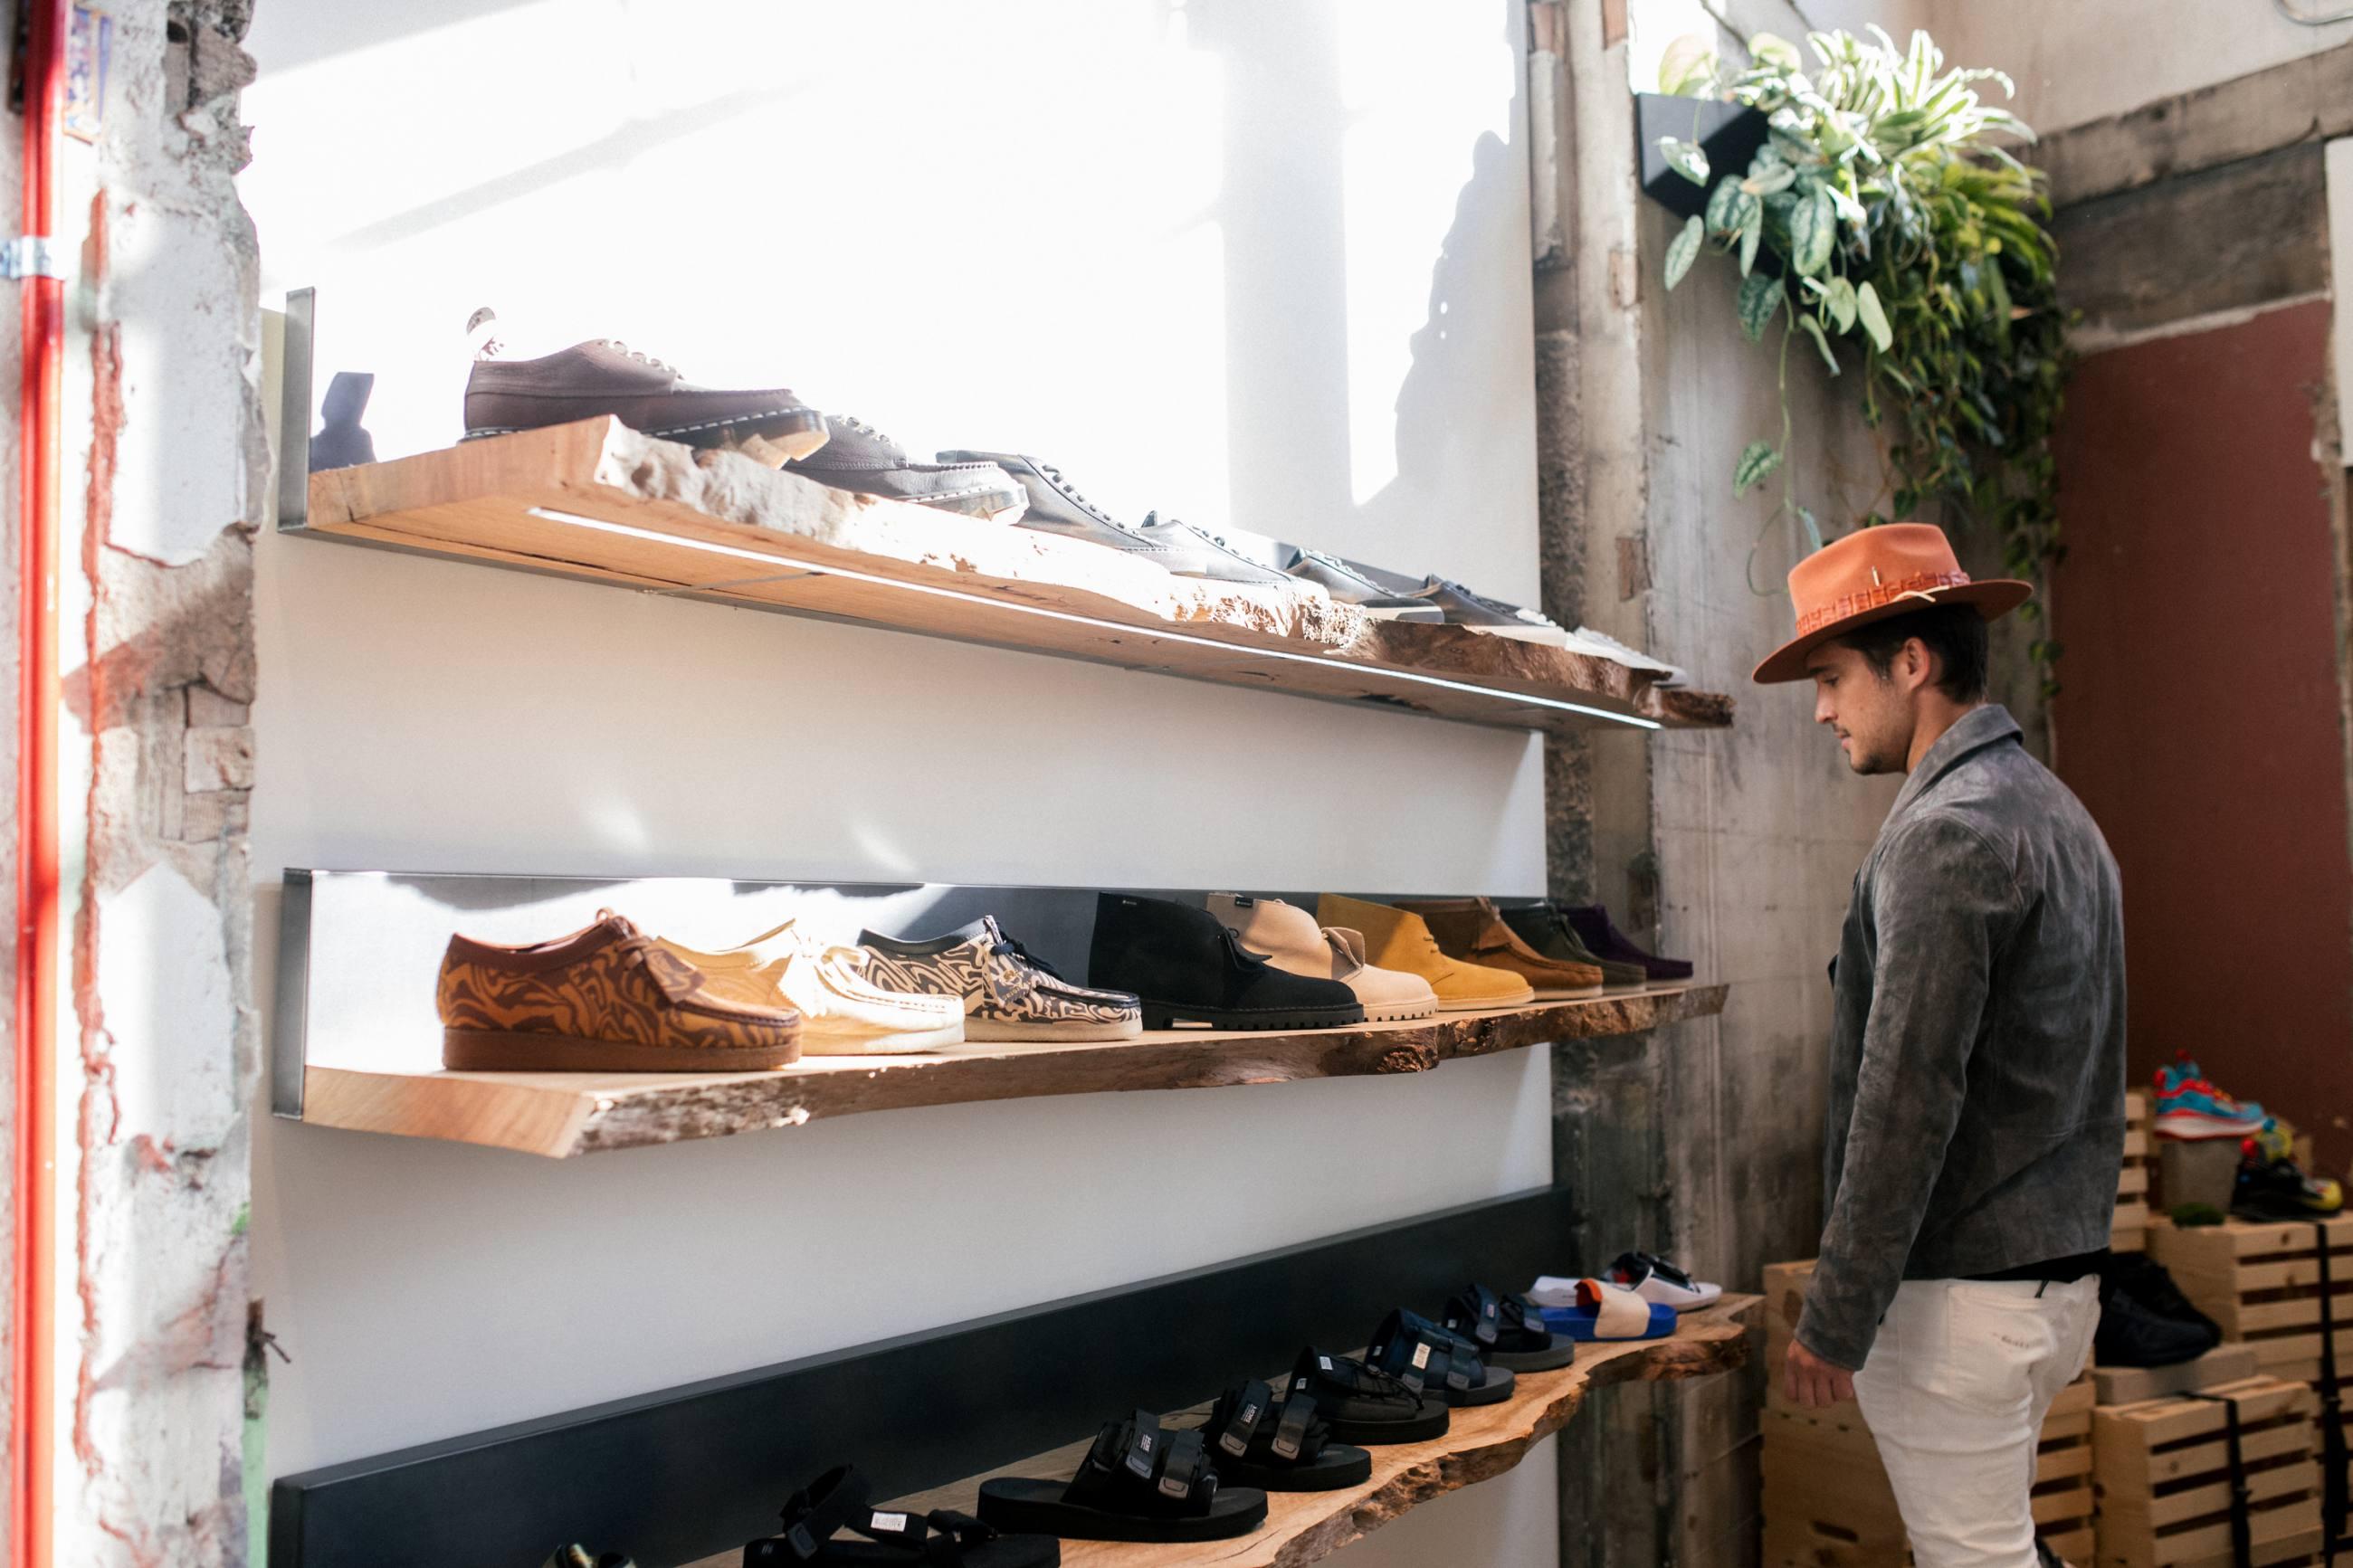 Diego Boneta de compras en Bodega - ROW DTLA